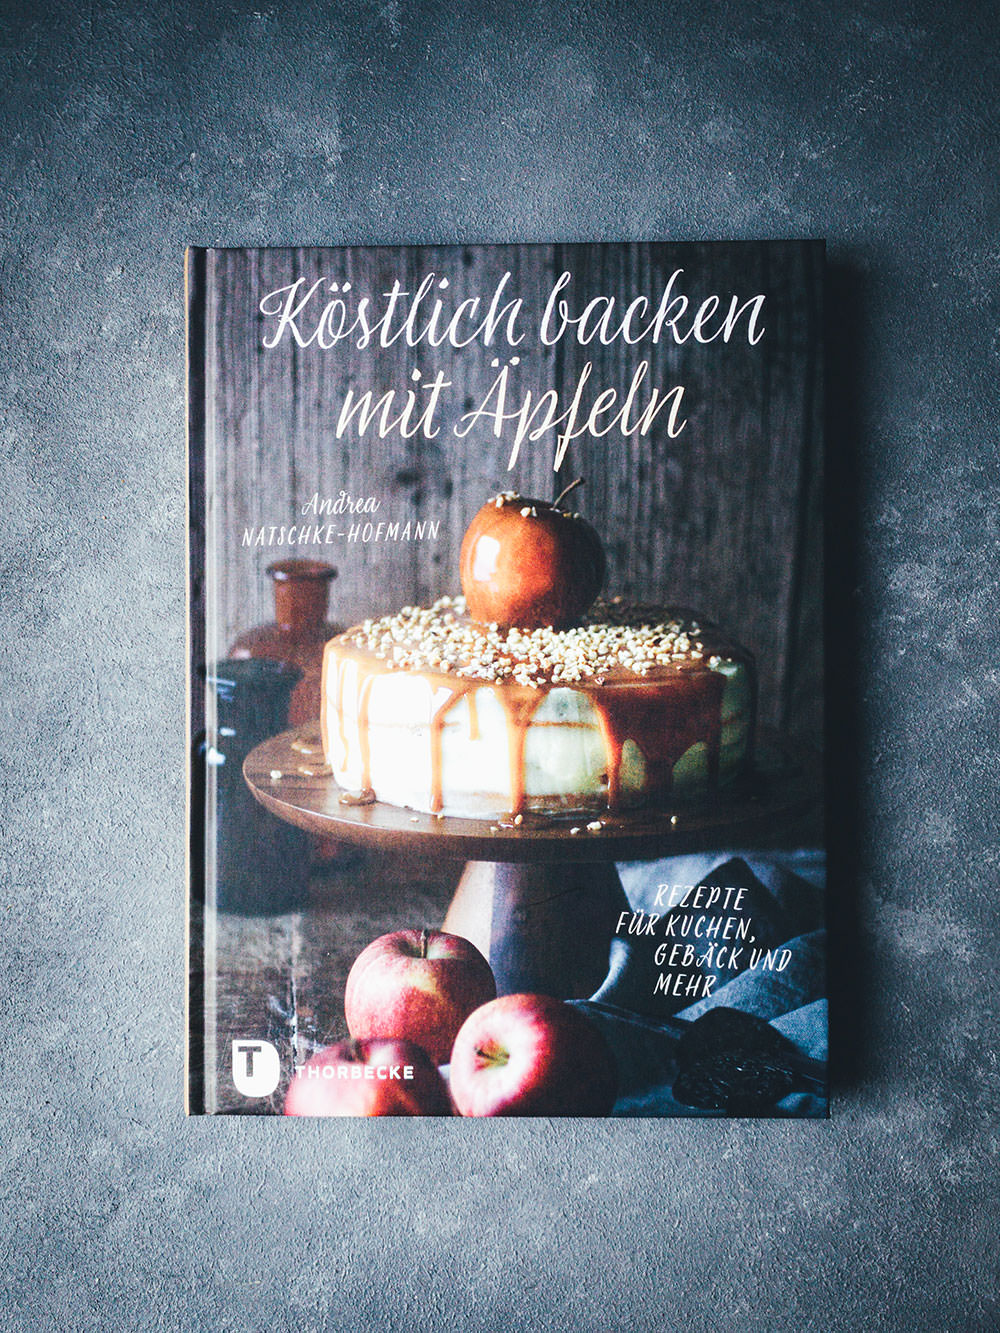 Backbuch: Köstlich backen mit Äpfeln von Andrea Natschke-Hofmann